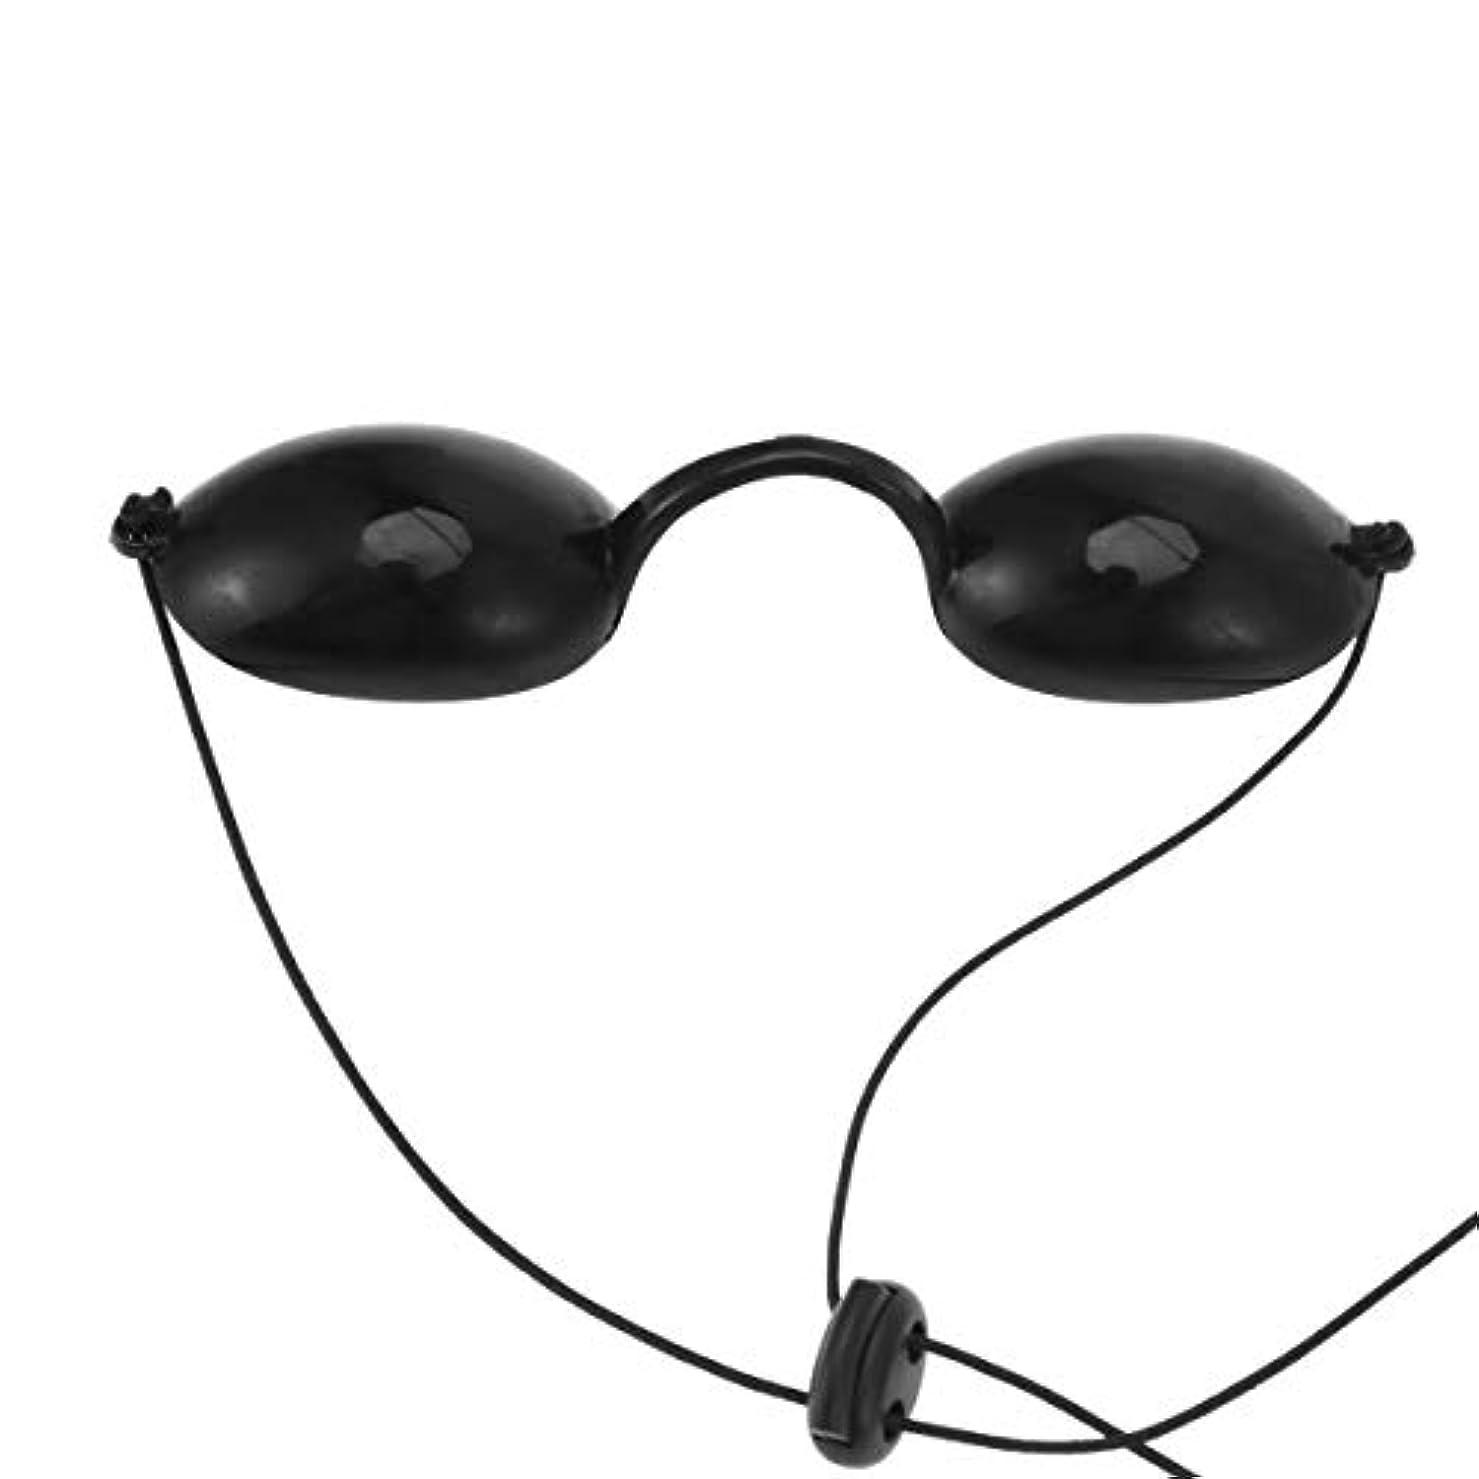 中で持つ麦芽Healifty 眼用保護具日焼け止めゴーグル不透明保護メガネアイシールドスペシャル(目黒)